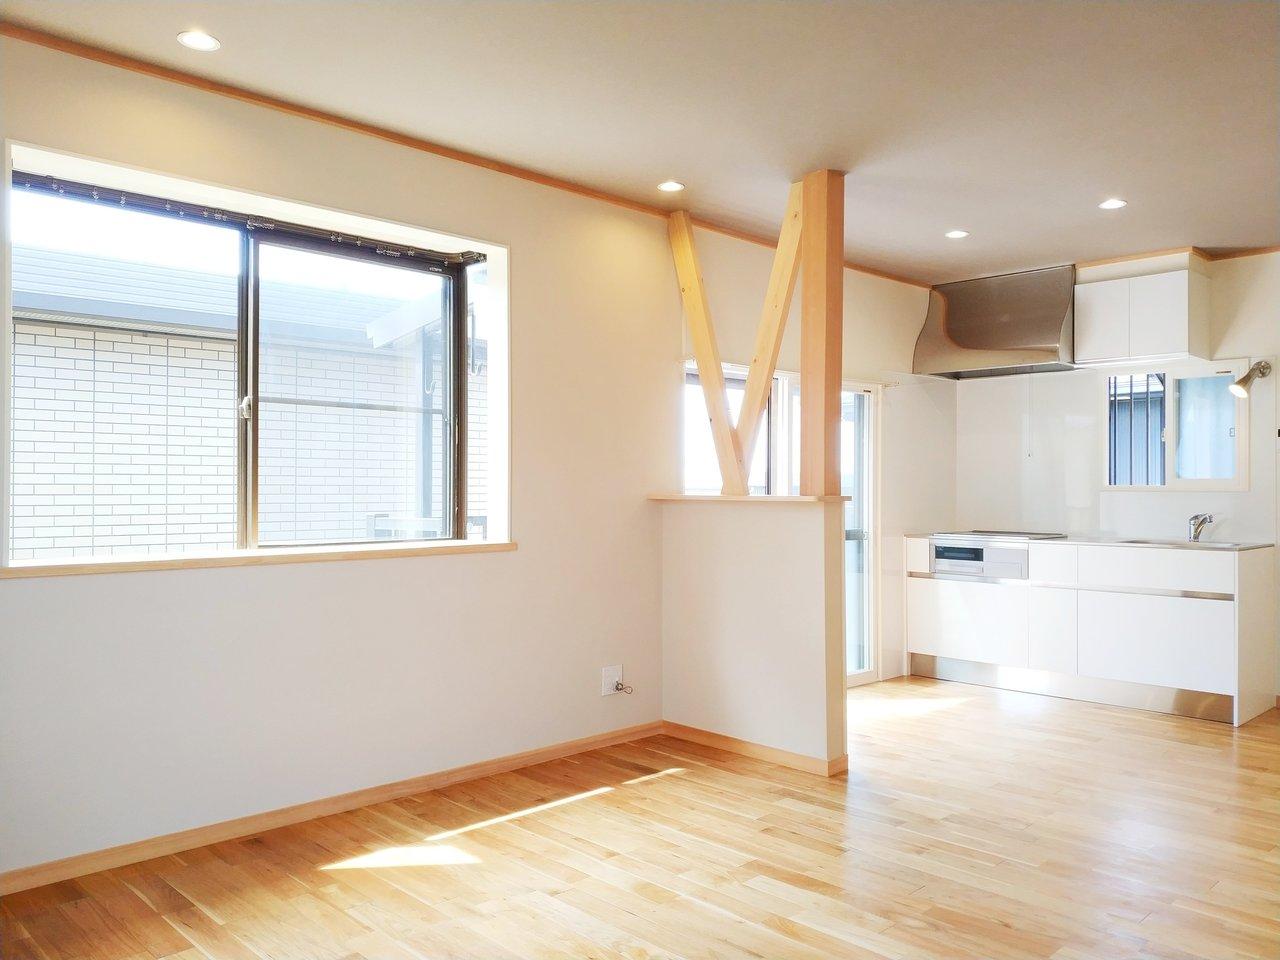 なんと3面採光。明るい無垢床のLDKは15畳超え。かなり雰囲気いいです。